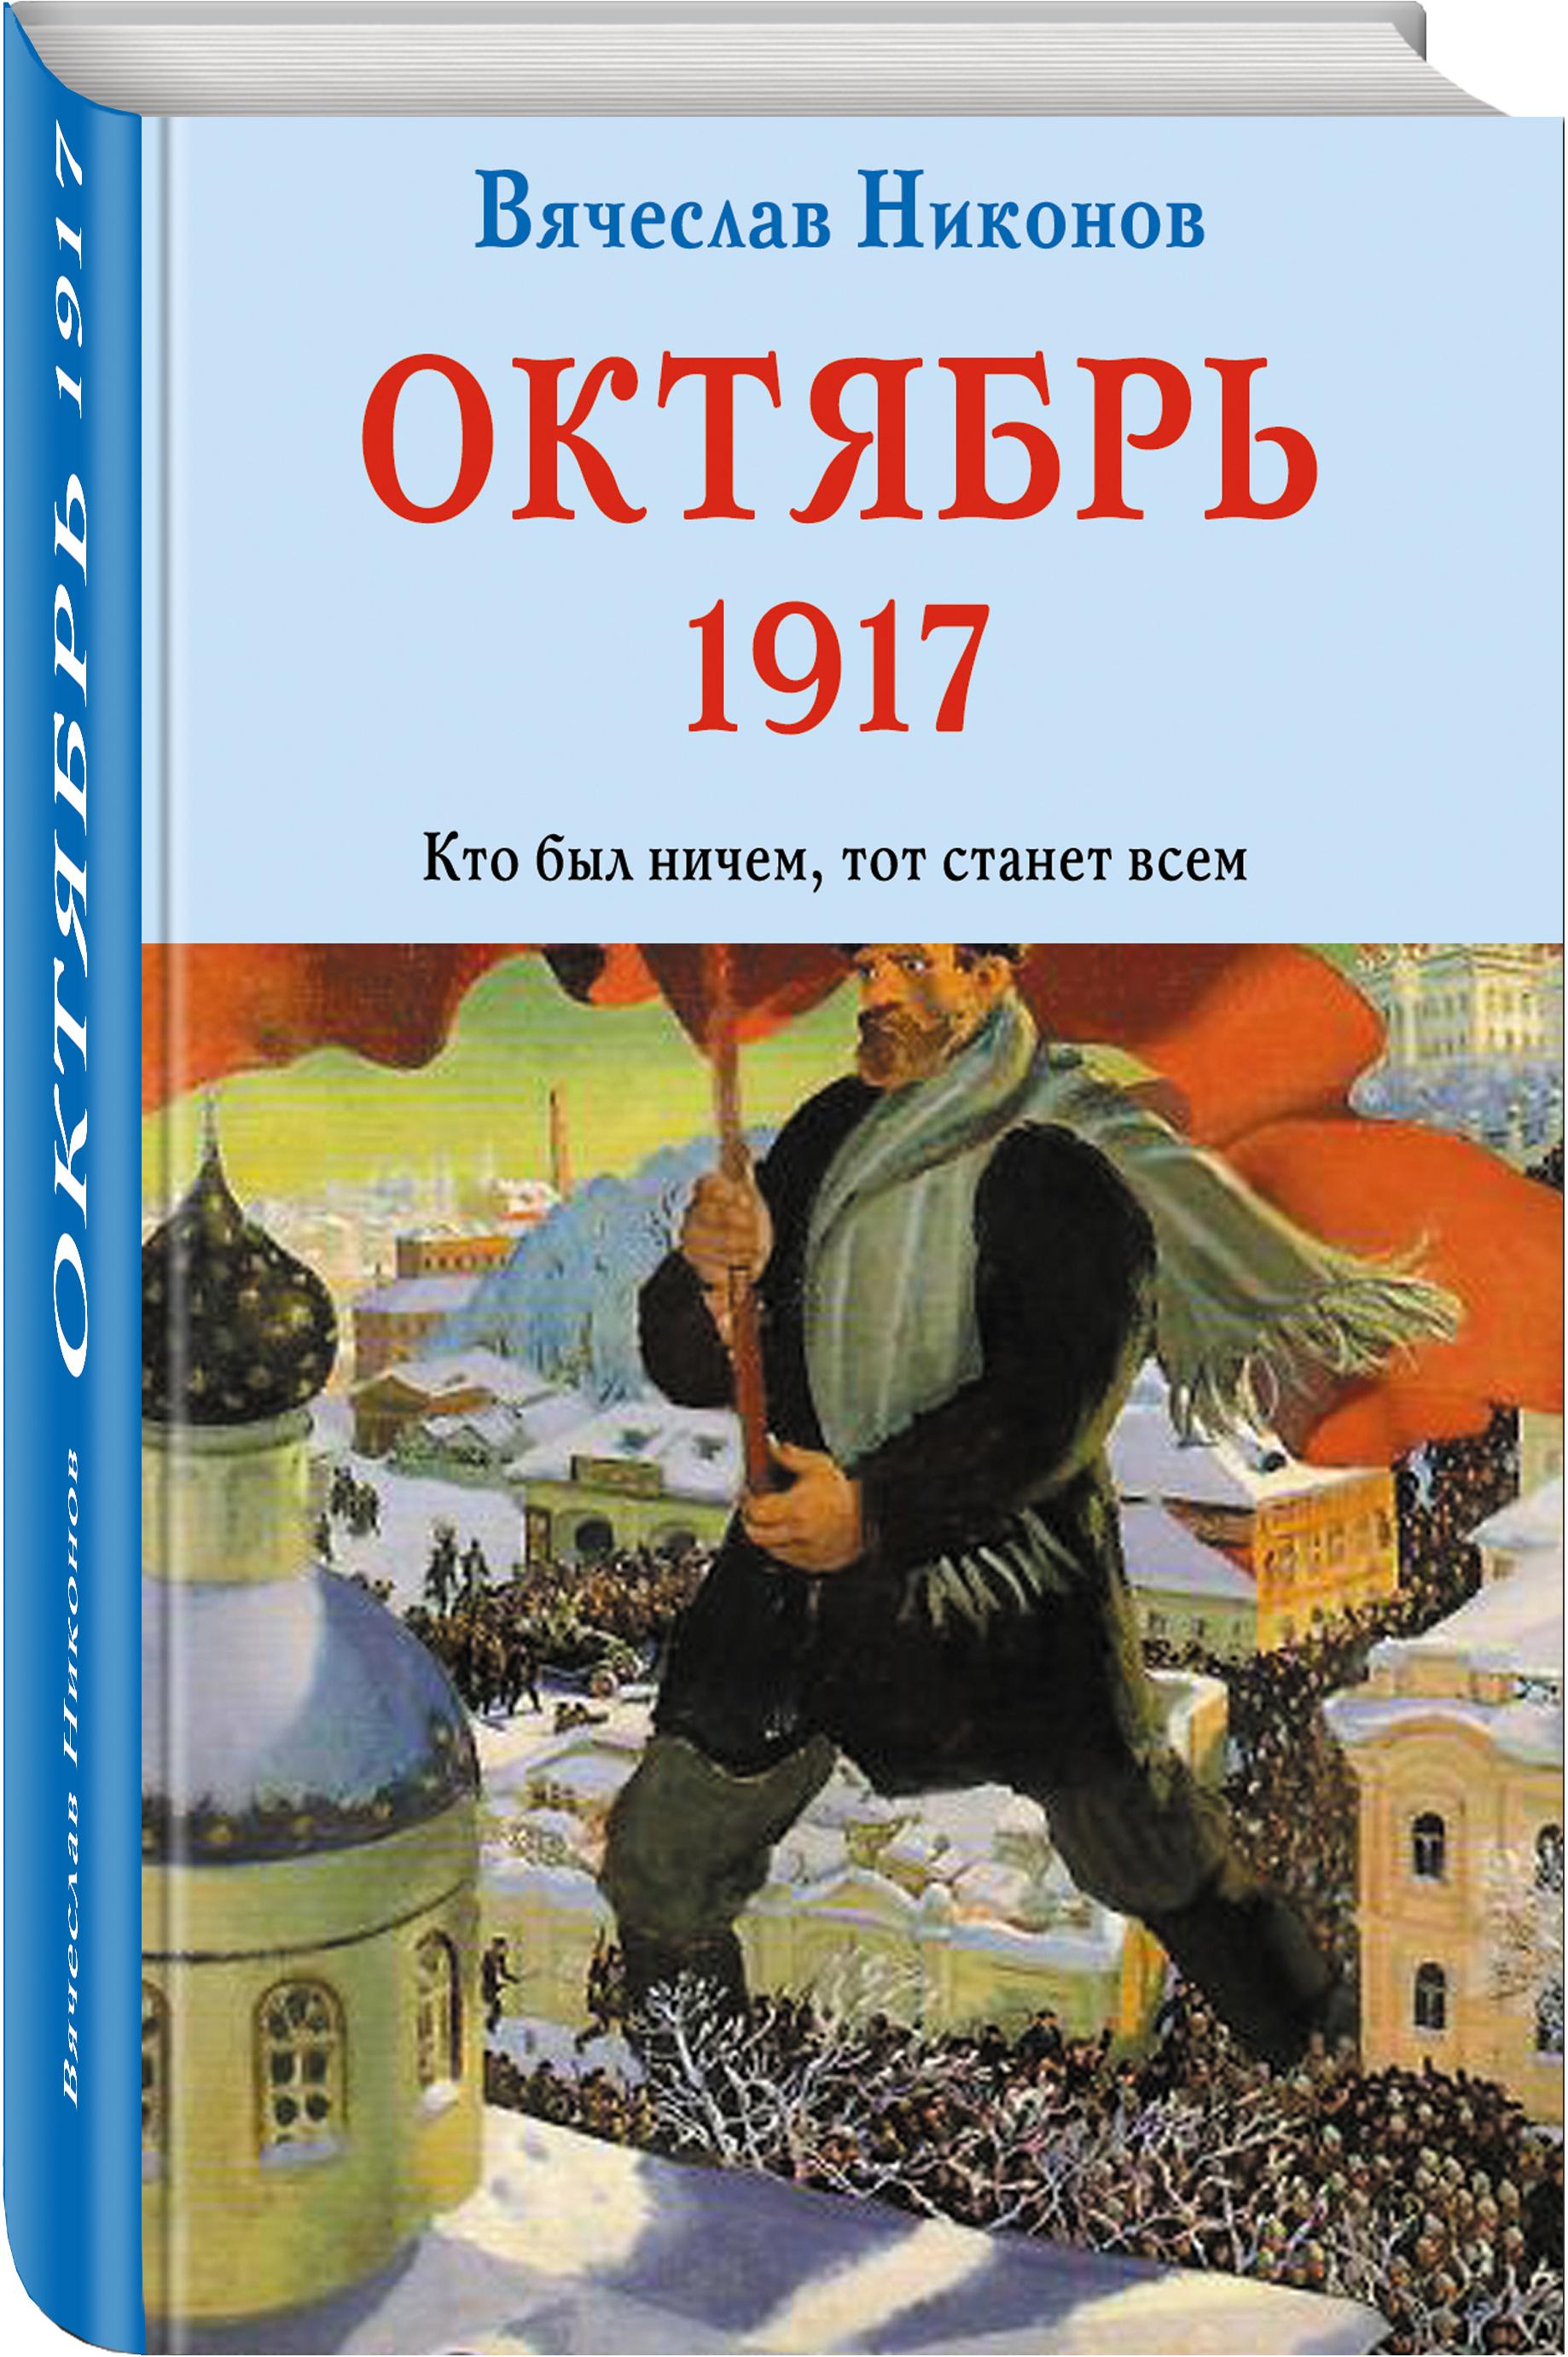 Никонов В.А. Октябрь 1917. Кто был ничем, тот станет всем мельгунов с мартовские дни 1917 года